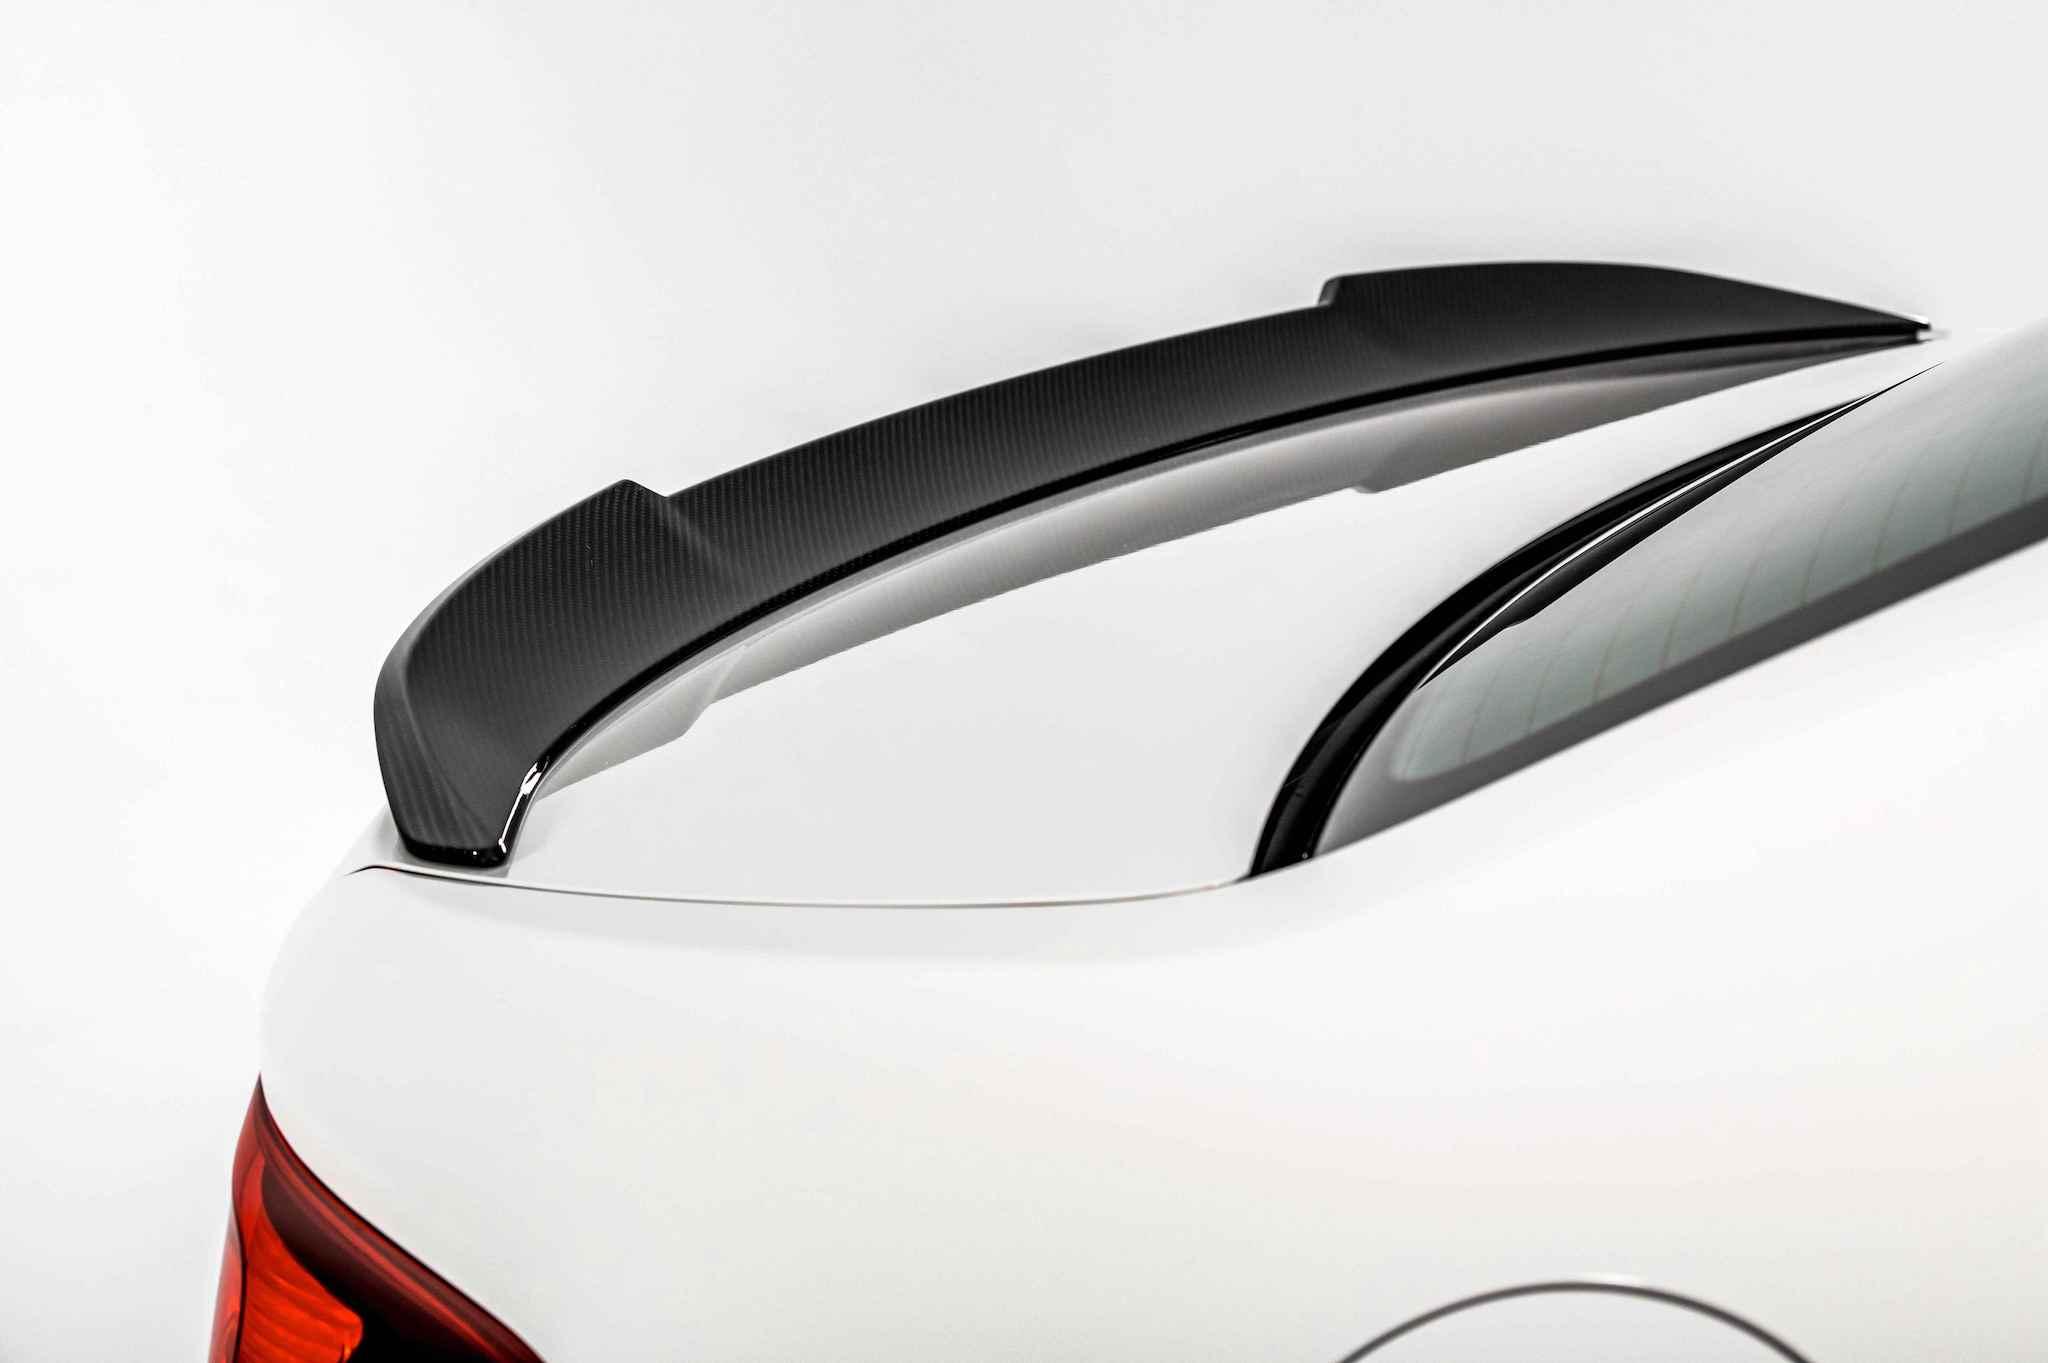 碳纖維 M 擾流尾翼除了讓 BMW M2 CS 更顯跑格化,更能確實產生下壓力,增加高速行駛時的車身穩定度。